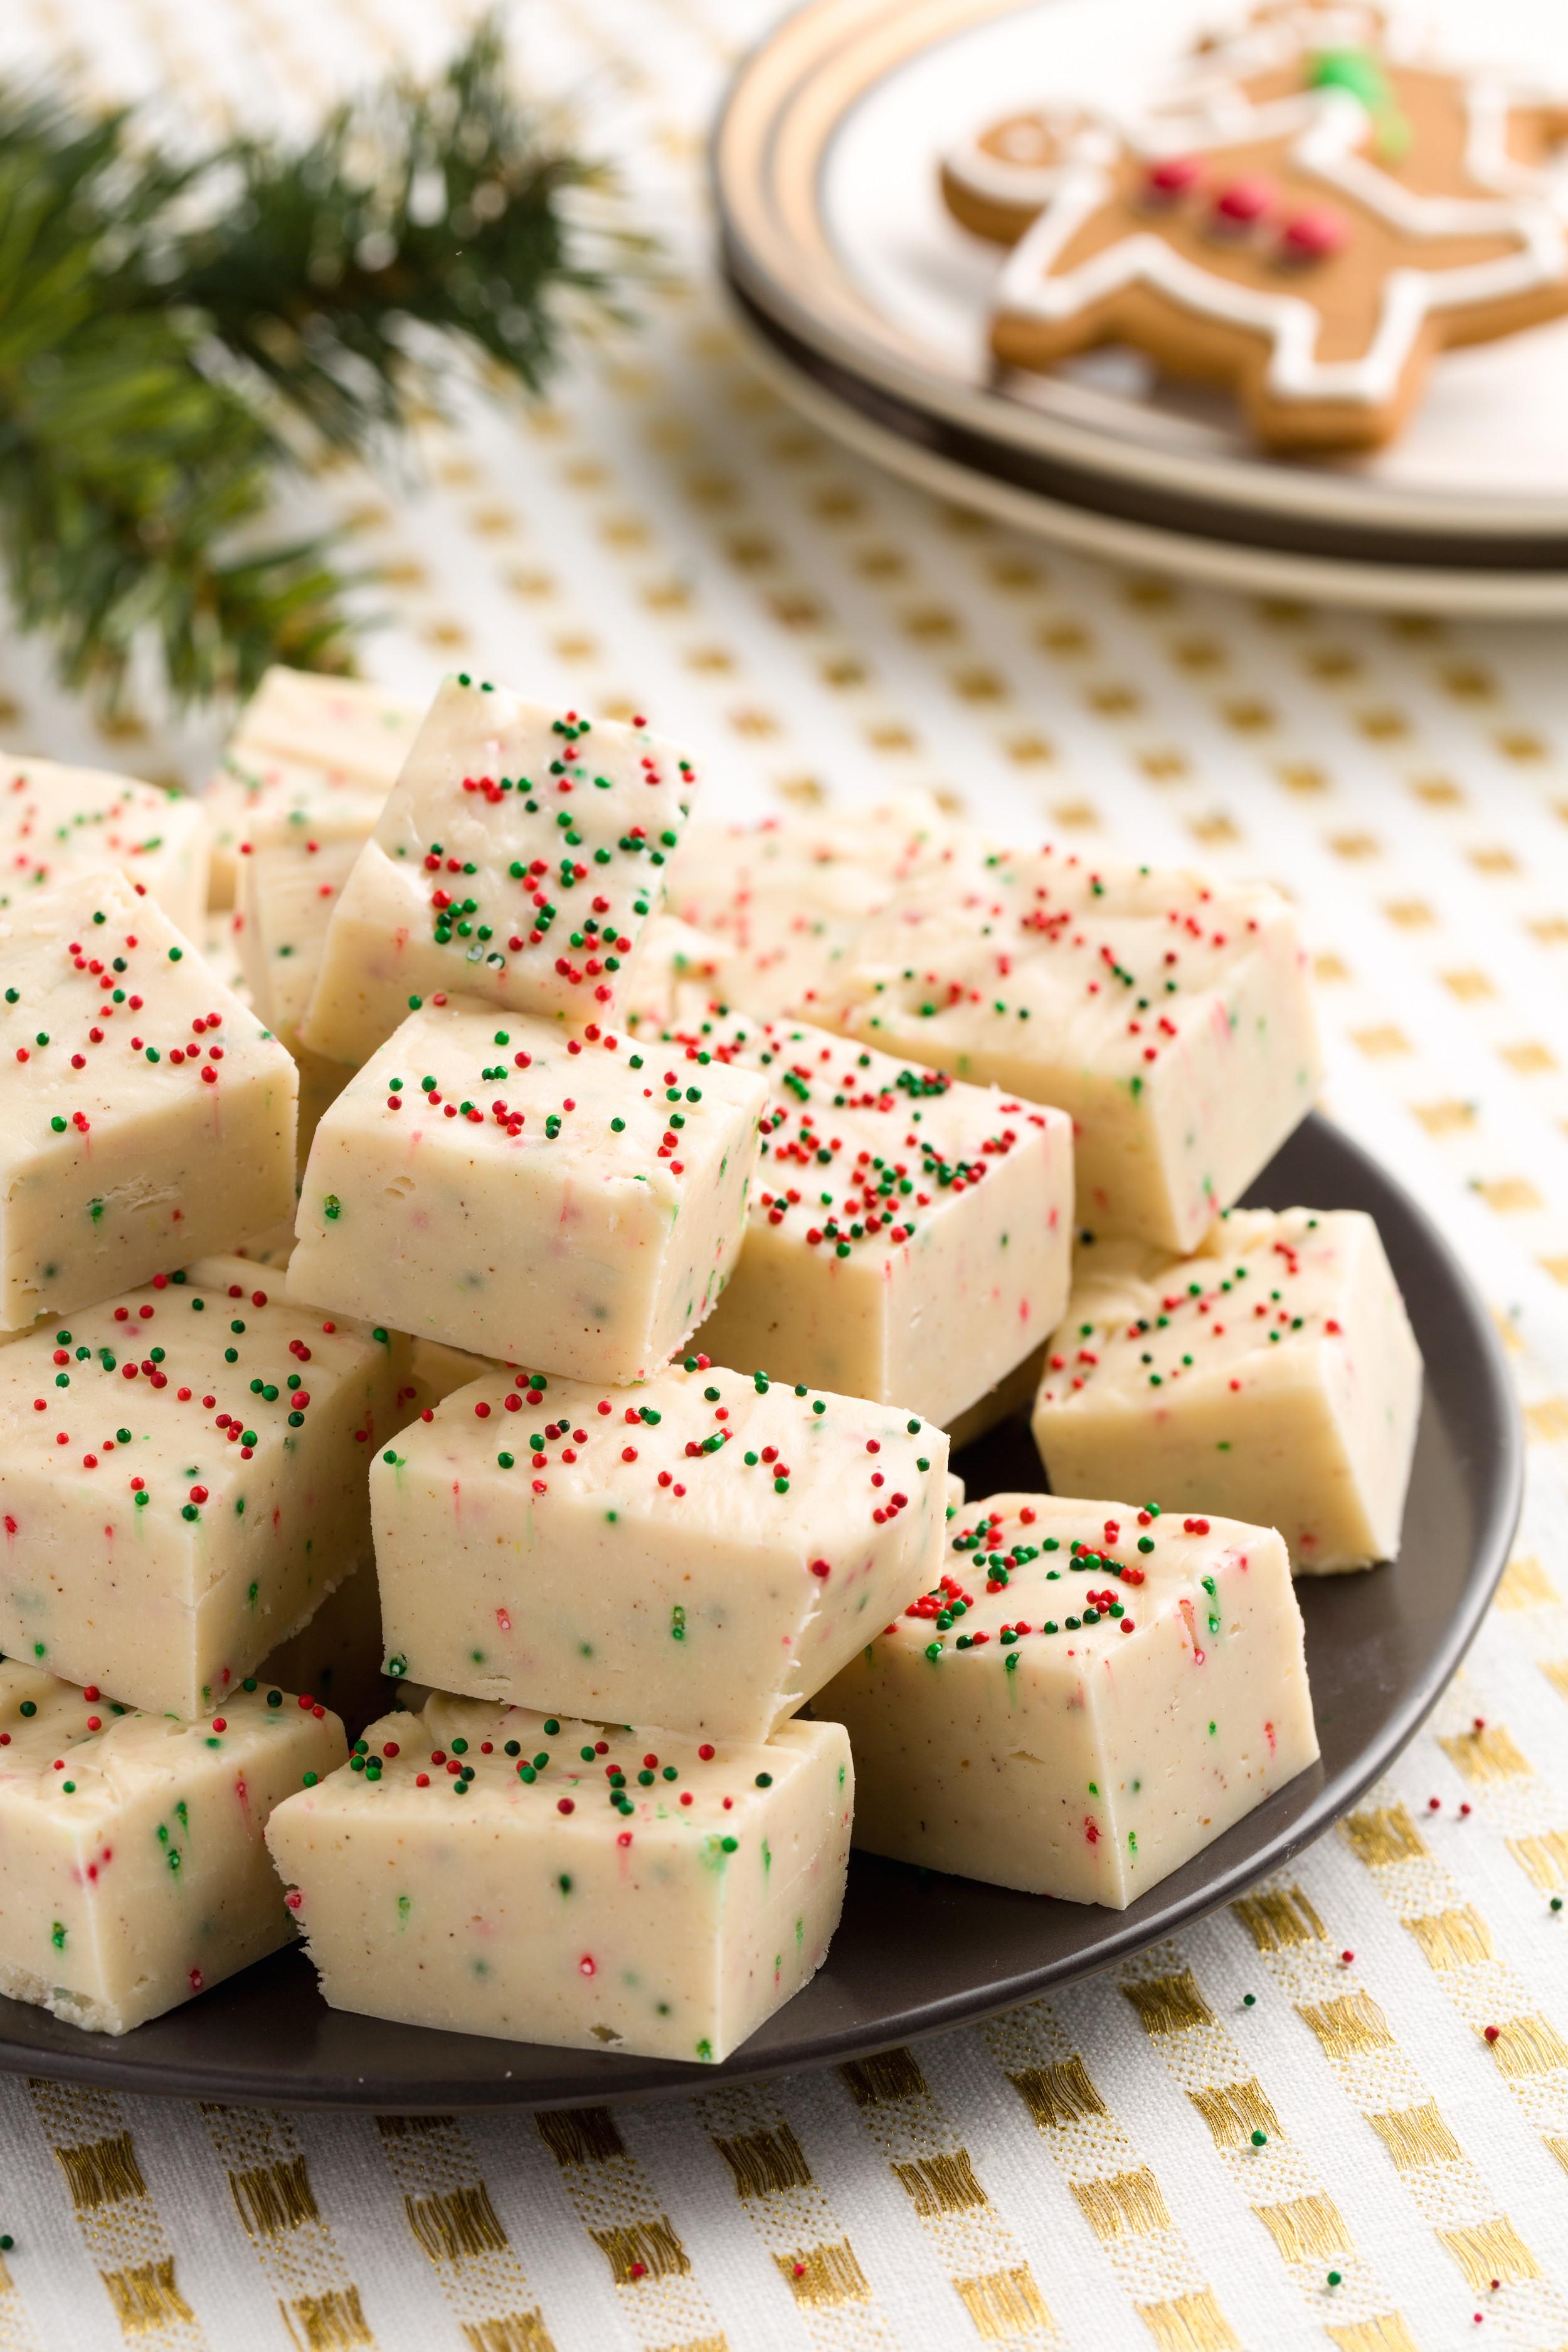 Easy Christmas Fudge Recipe  18 Easy Homemade Christmas Candy Recipes How To Make